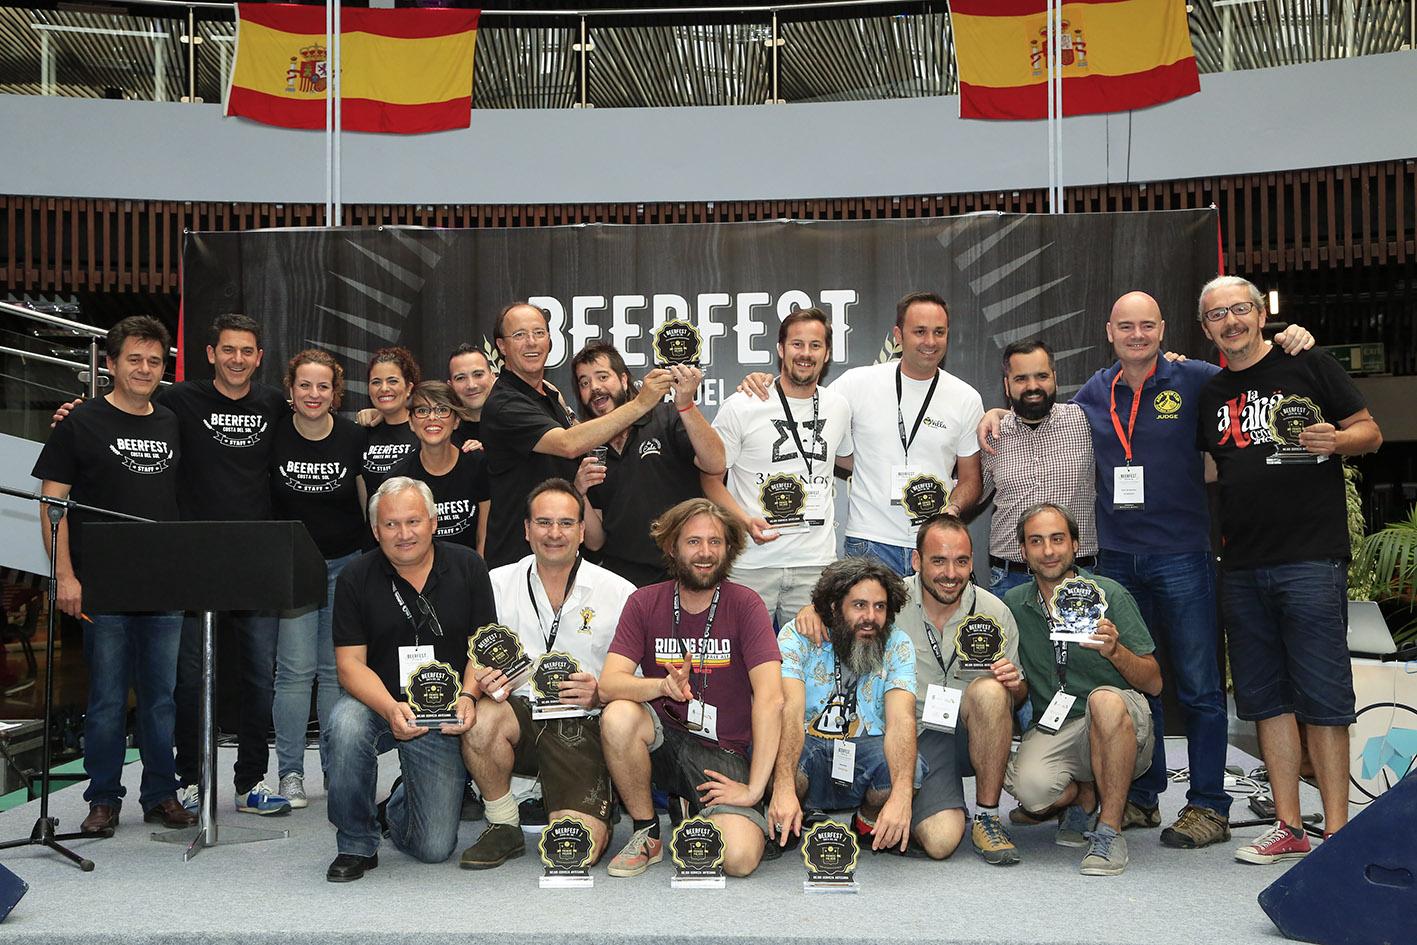 La Beerfest Costa del Sol premia a 12 cervezas artesanales de siete provincias 1